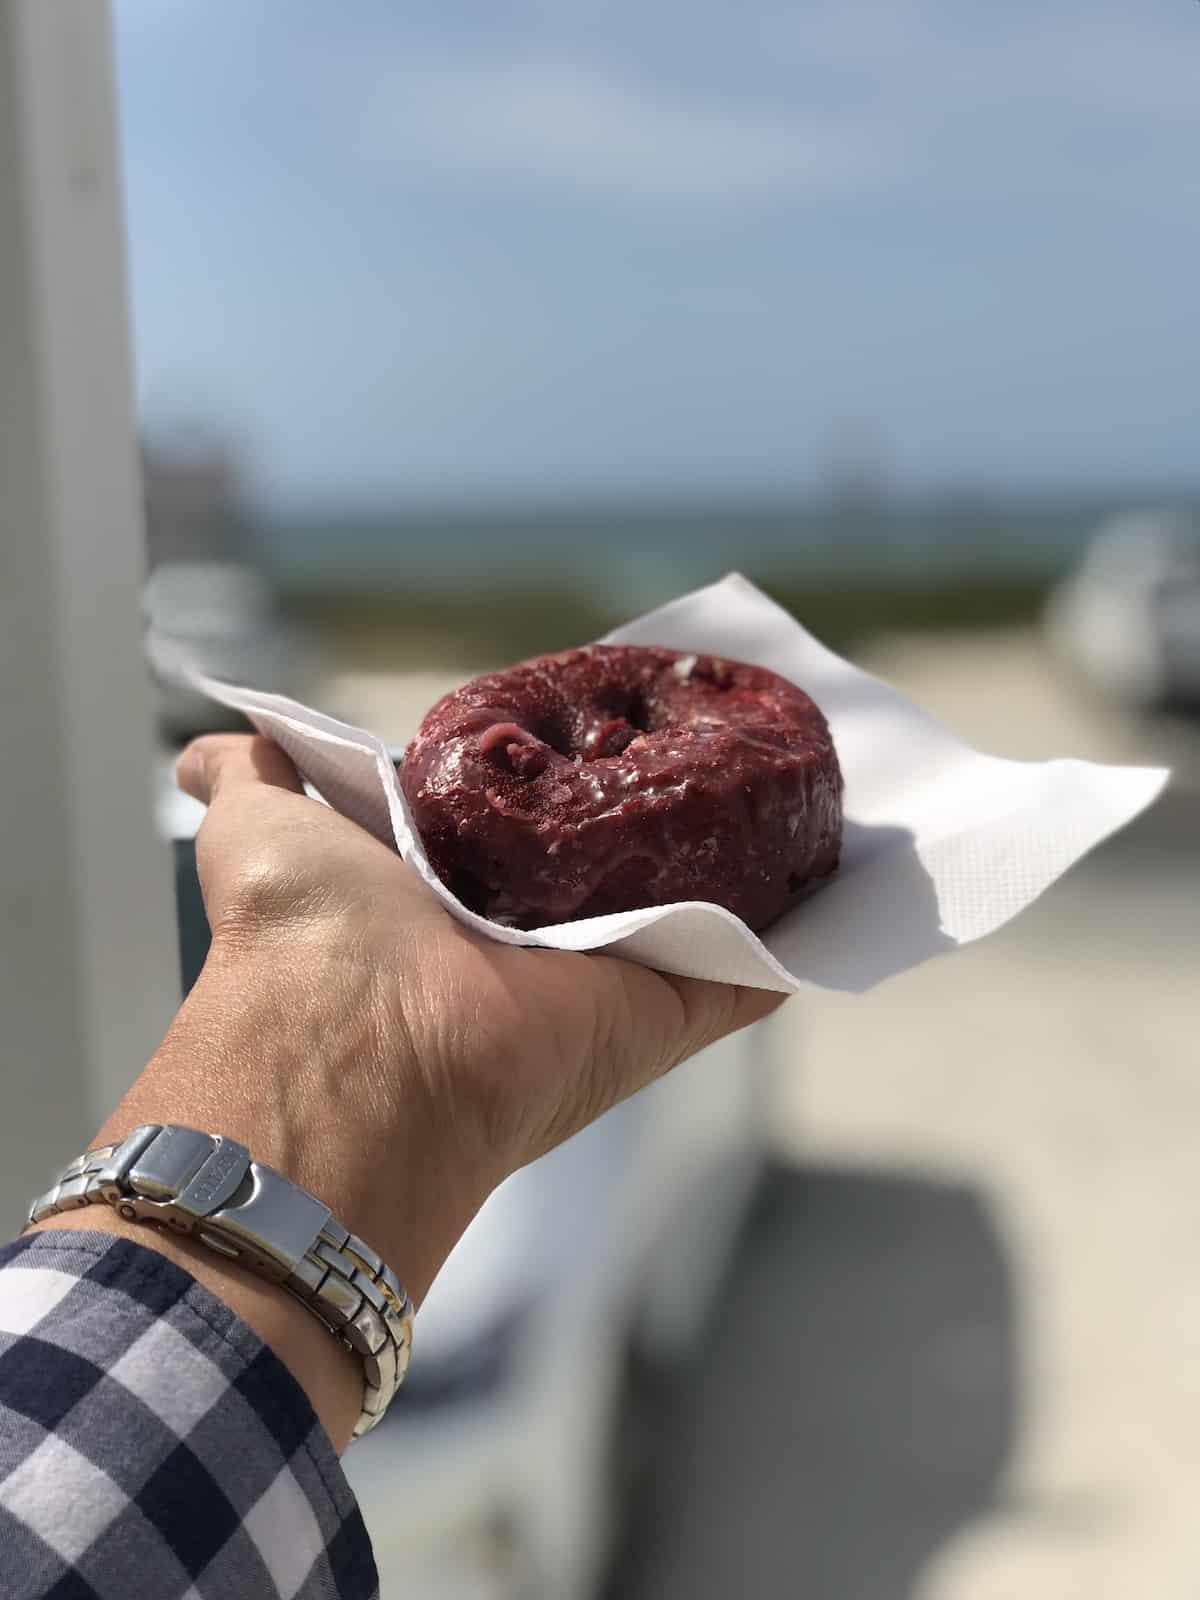 Red velvet doughnut with beach in background.